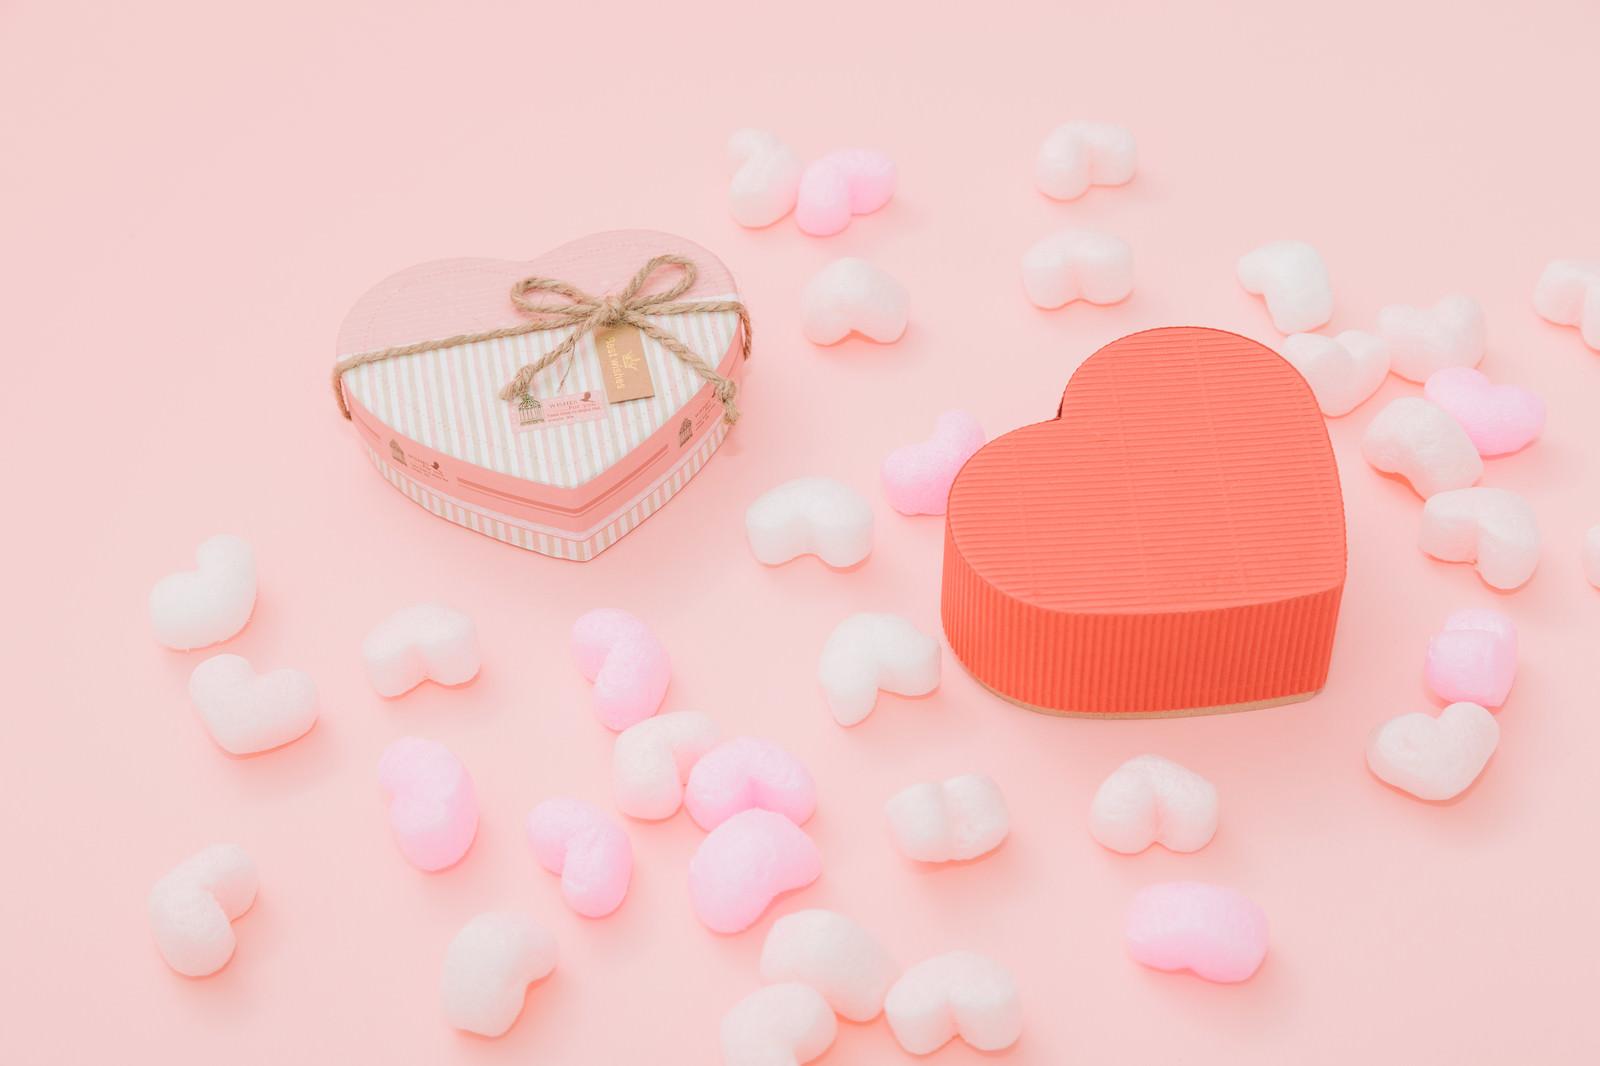 「ラブラブ・バレンタインラブラブ・バレンタイン」のフリー写真素材を拡大